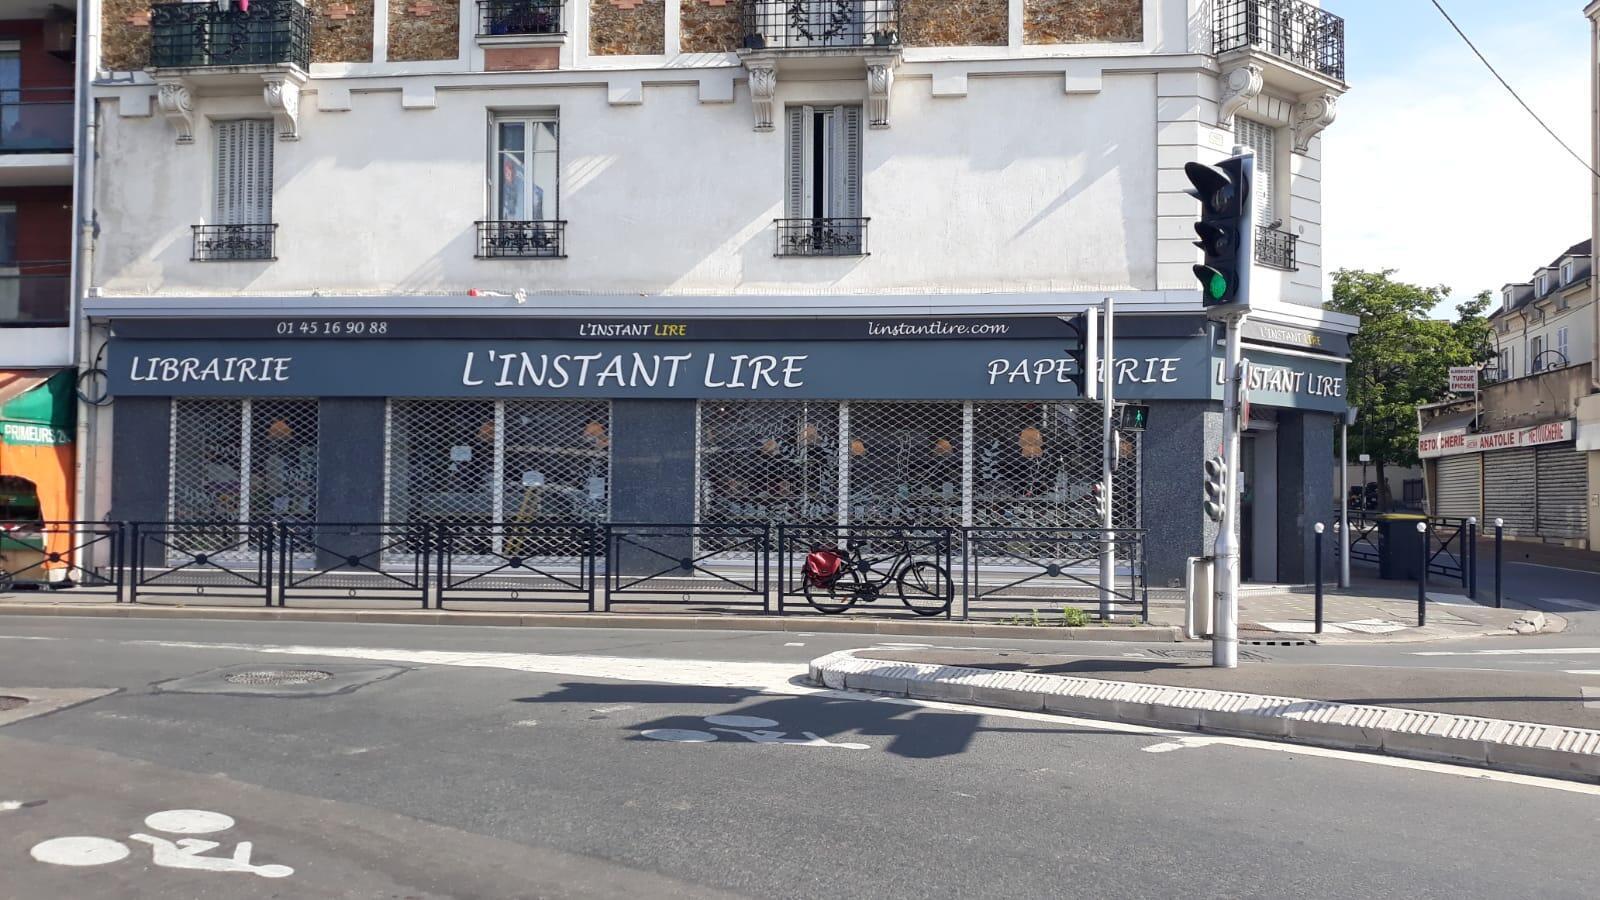 La librairie L'instant lire, située dans le centre-ville de Champigny-sur-Marne, en région parisienne.